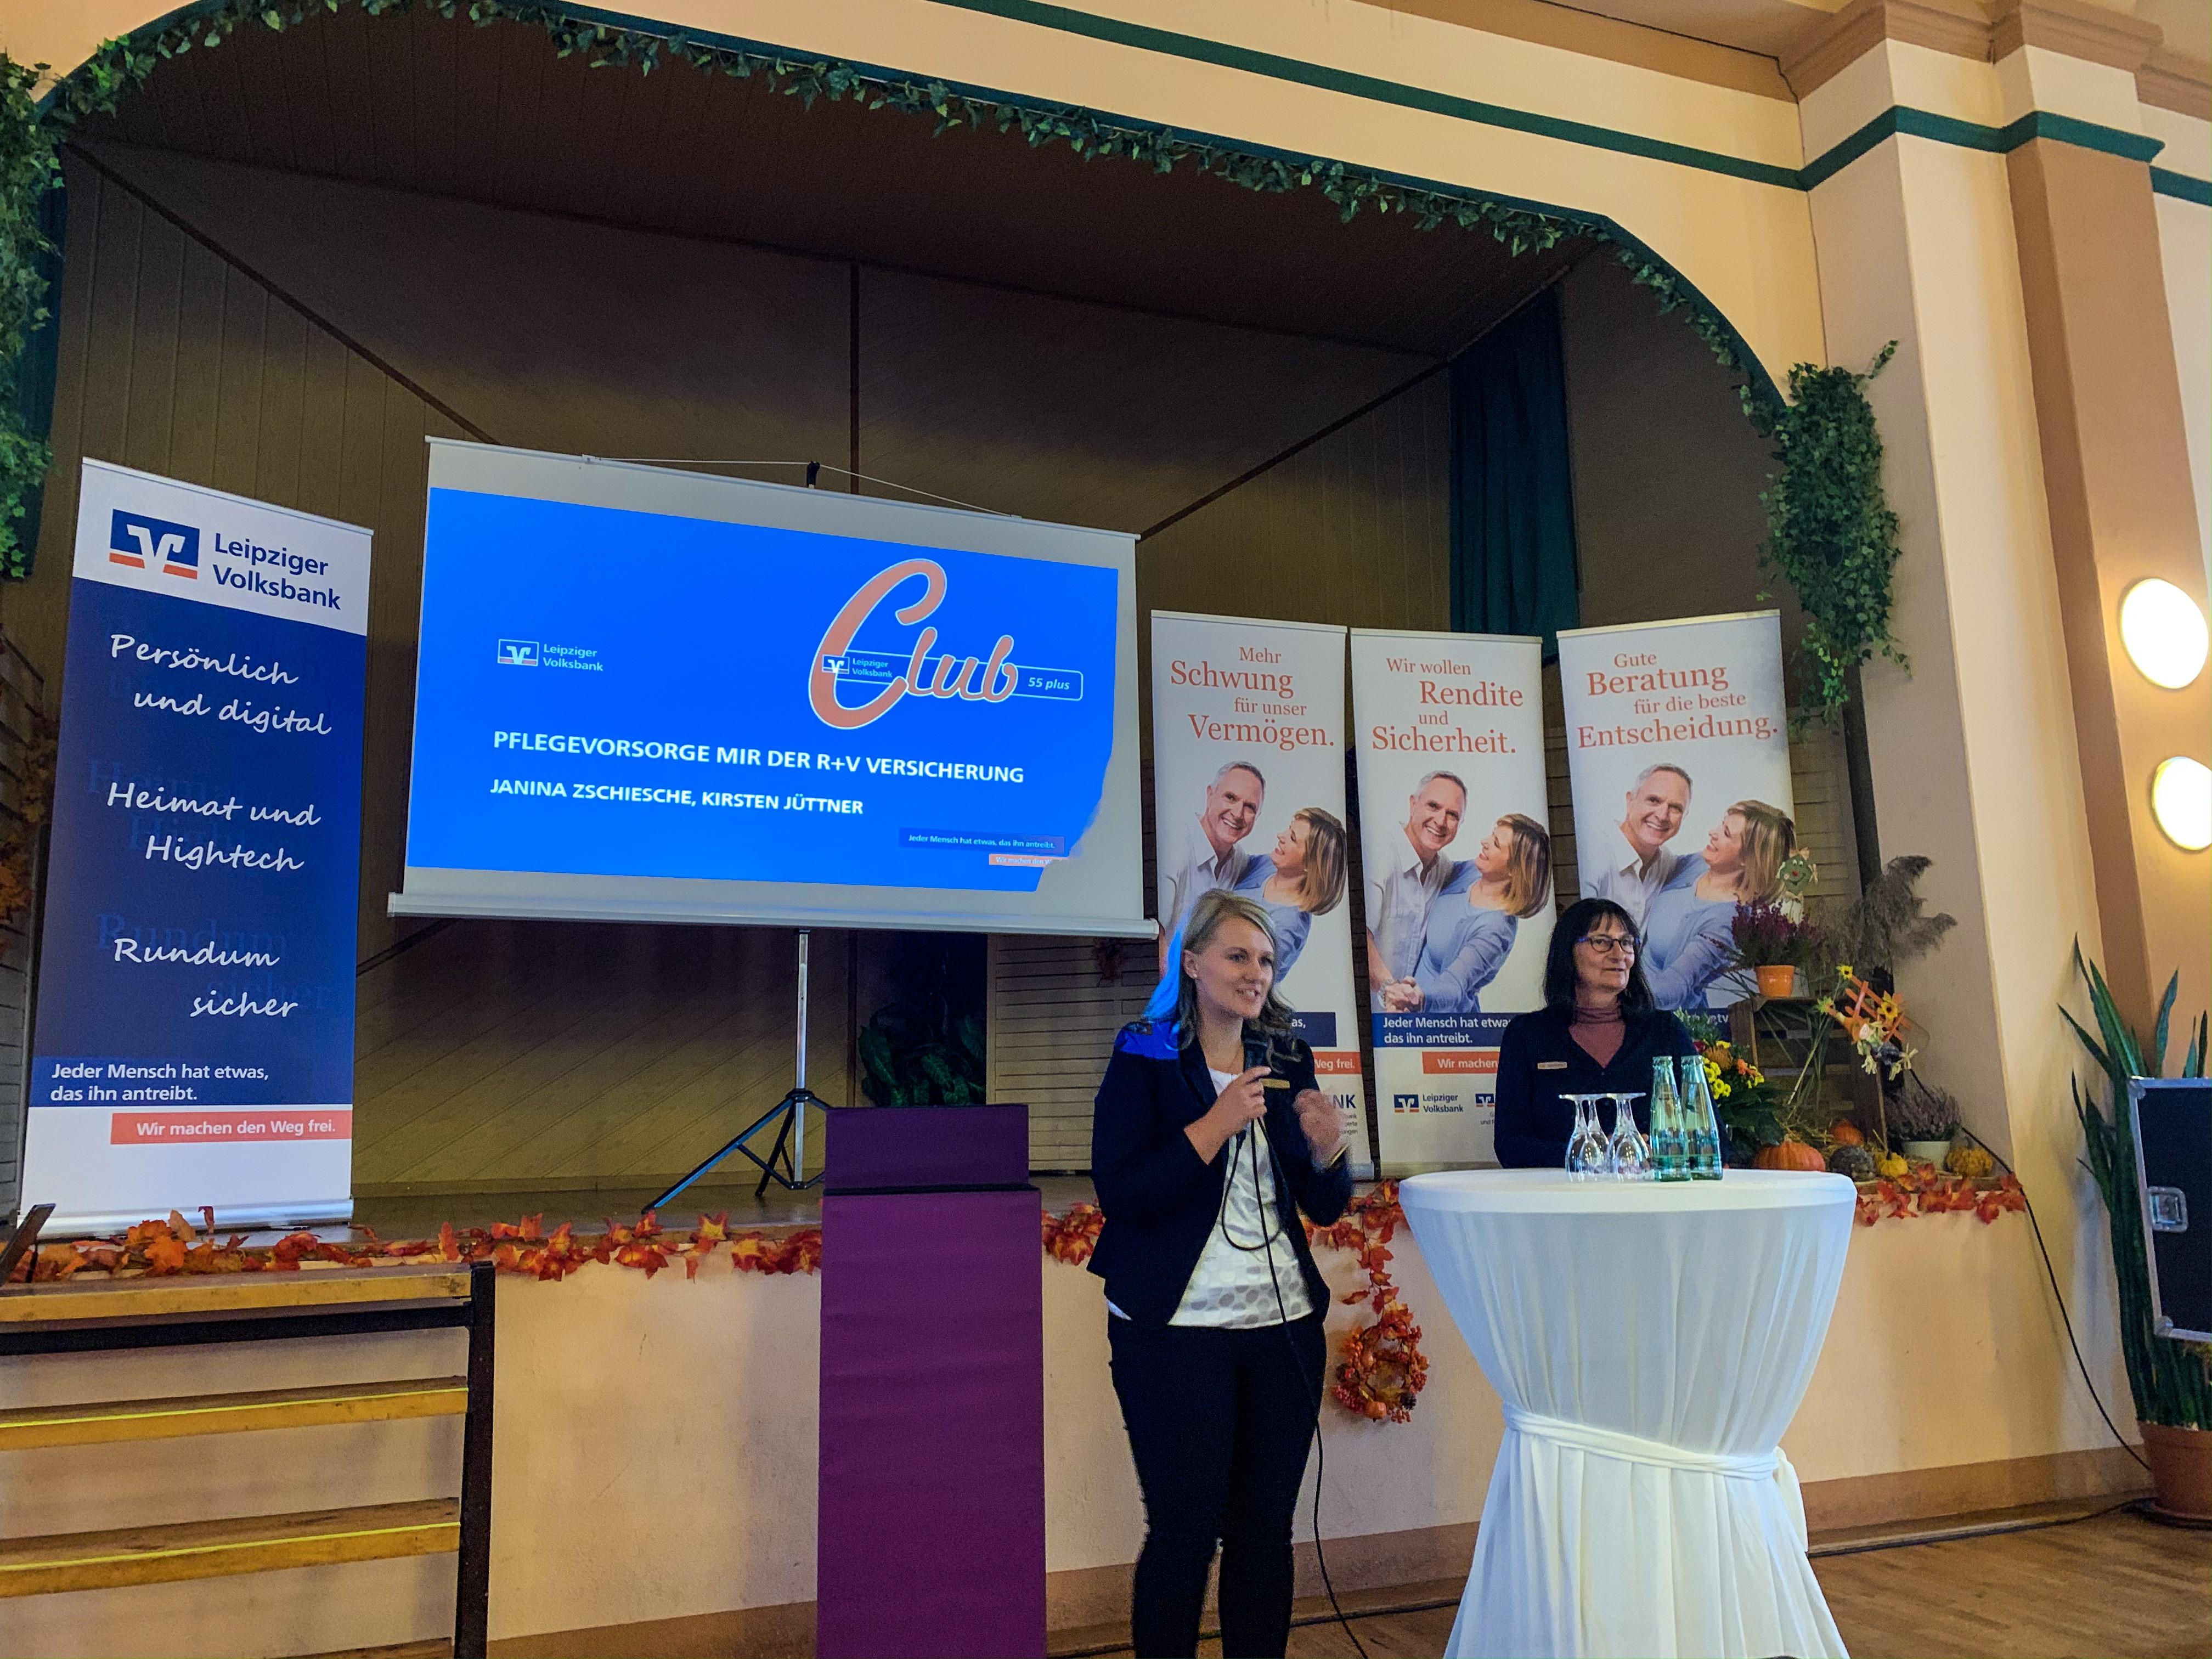 Janina Zschiesche und Kirsten Jüttner von der R+V-Versicherung